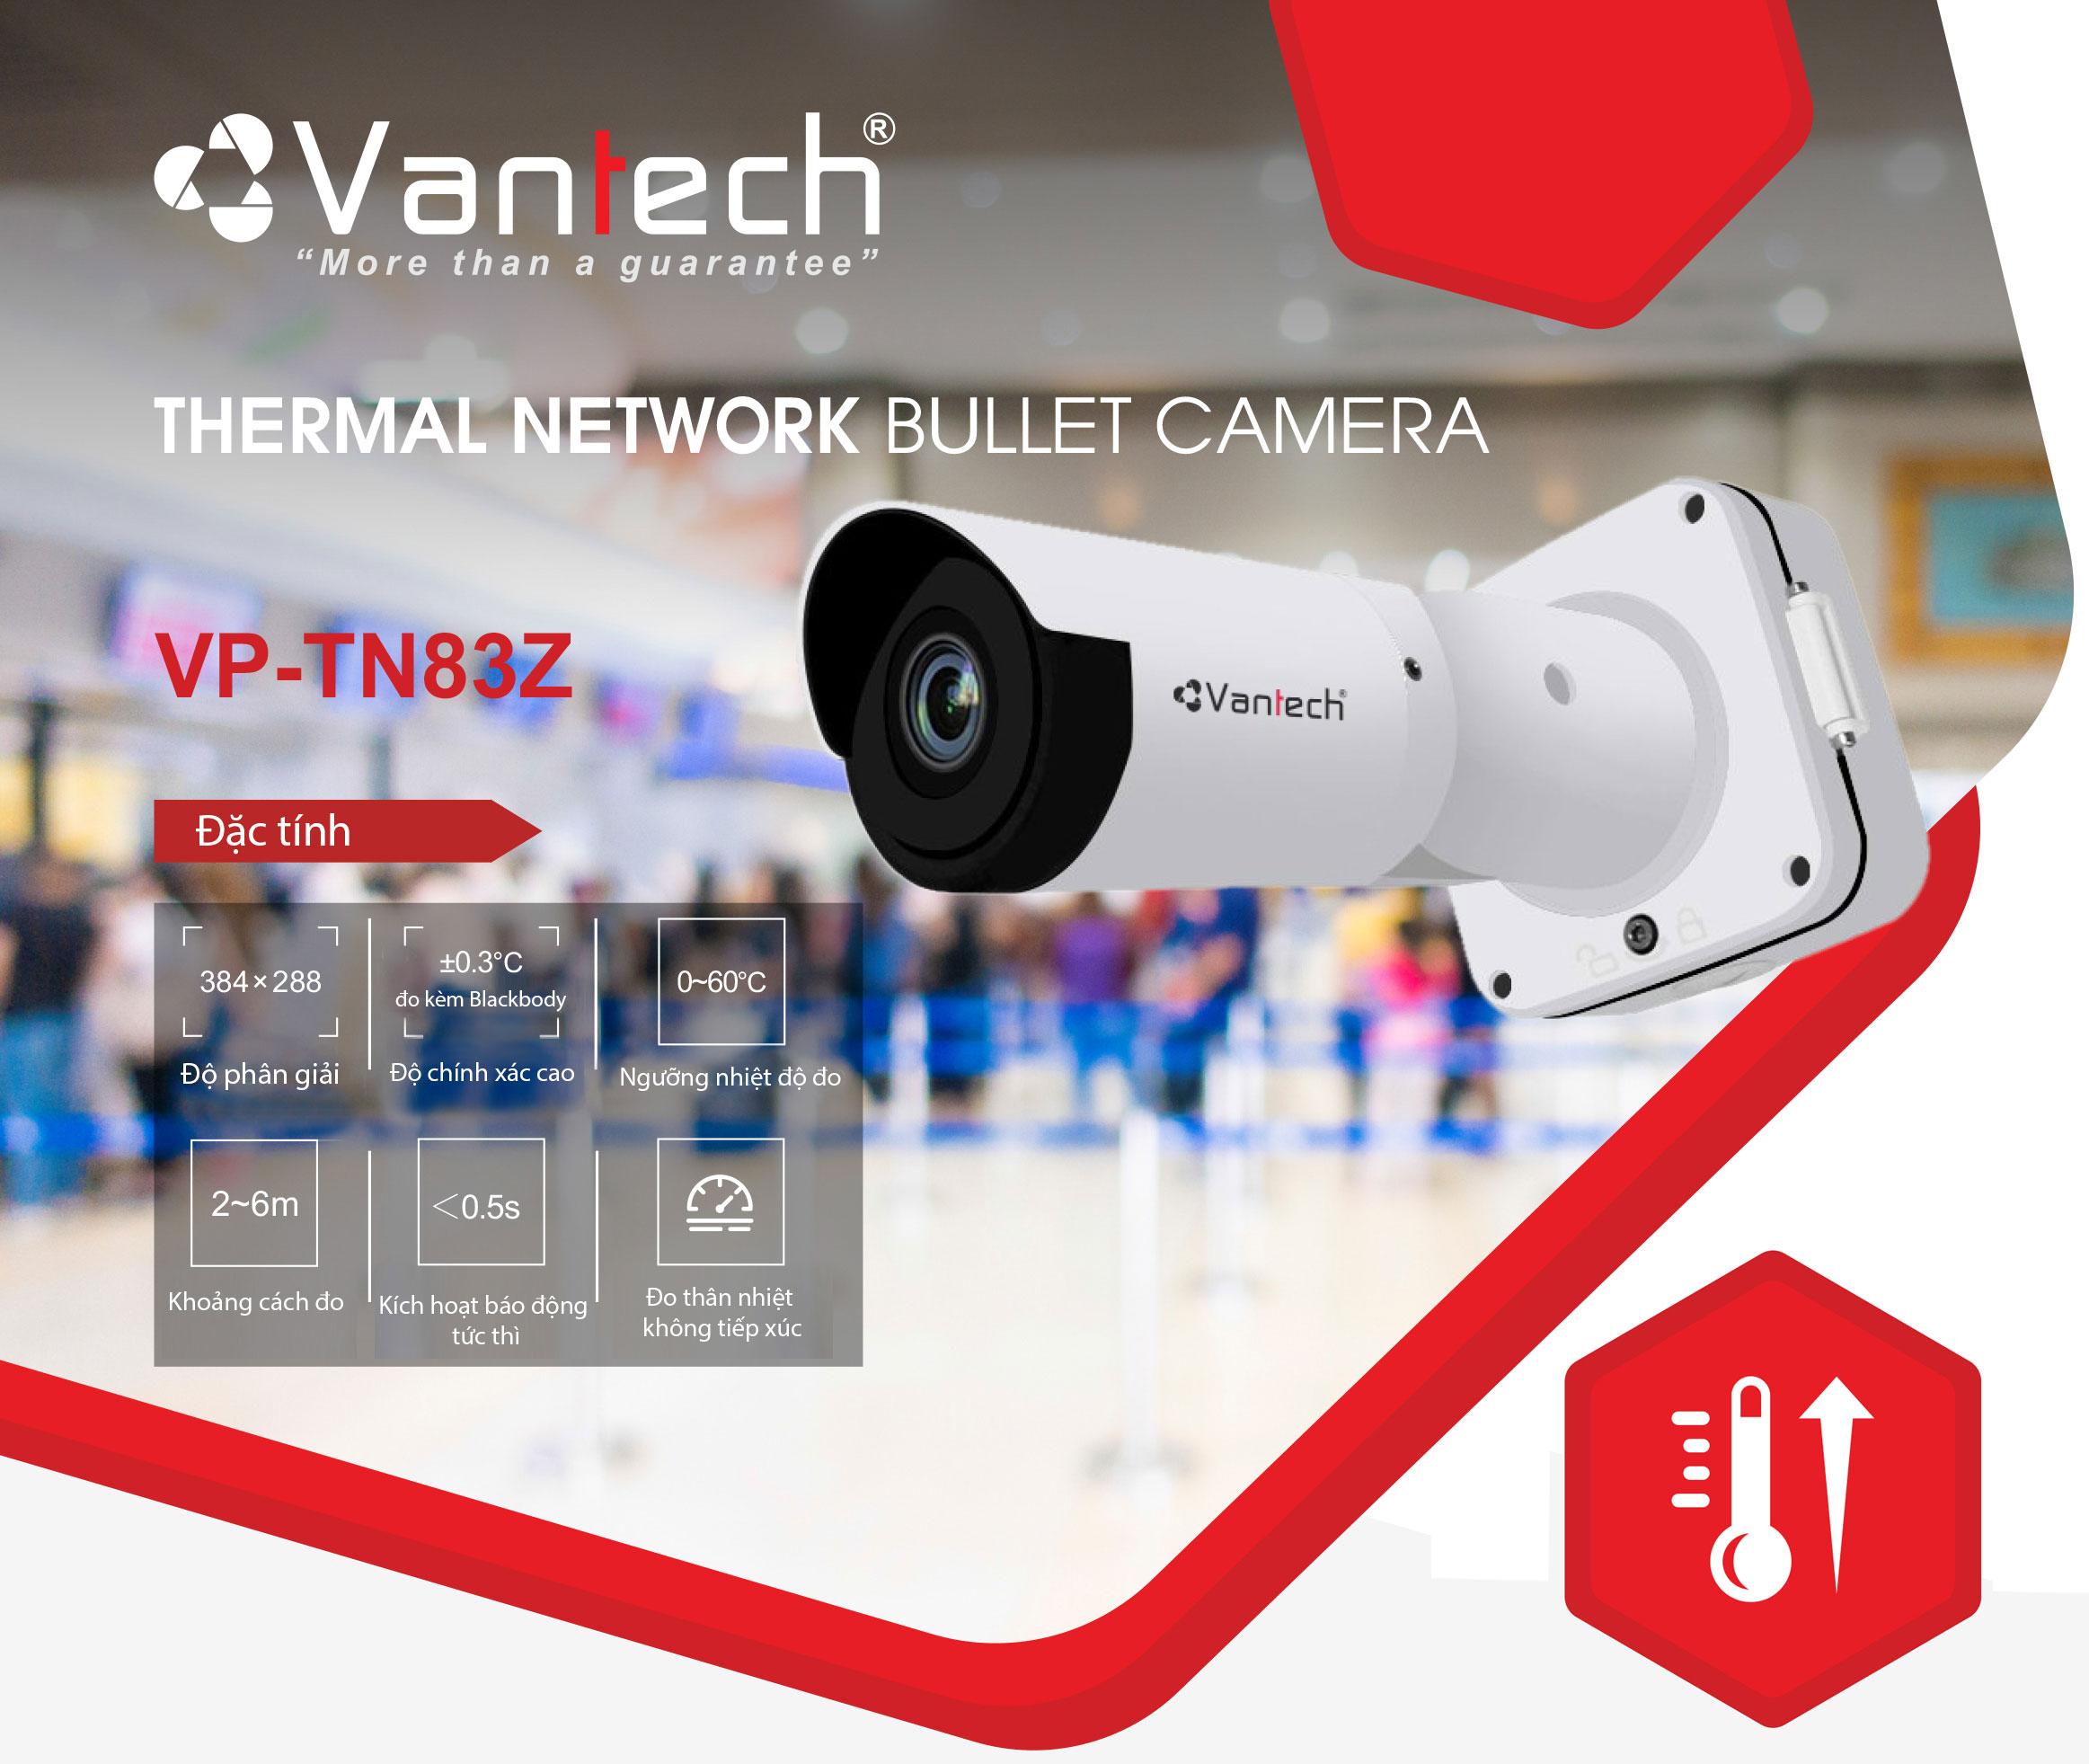 Camera đo thân nhiệt tự động không tiếp xúc Vantech VP-TN83Z